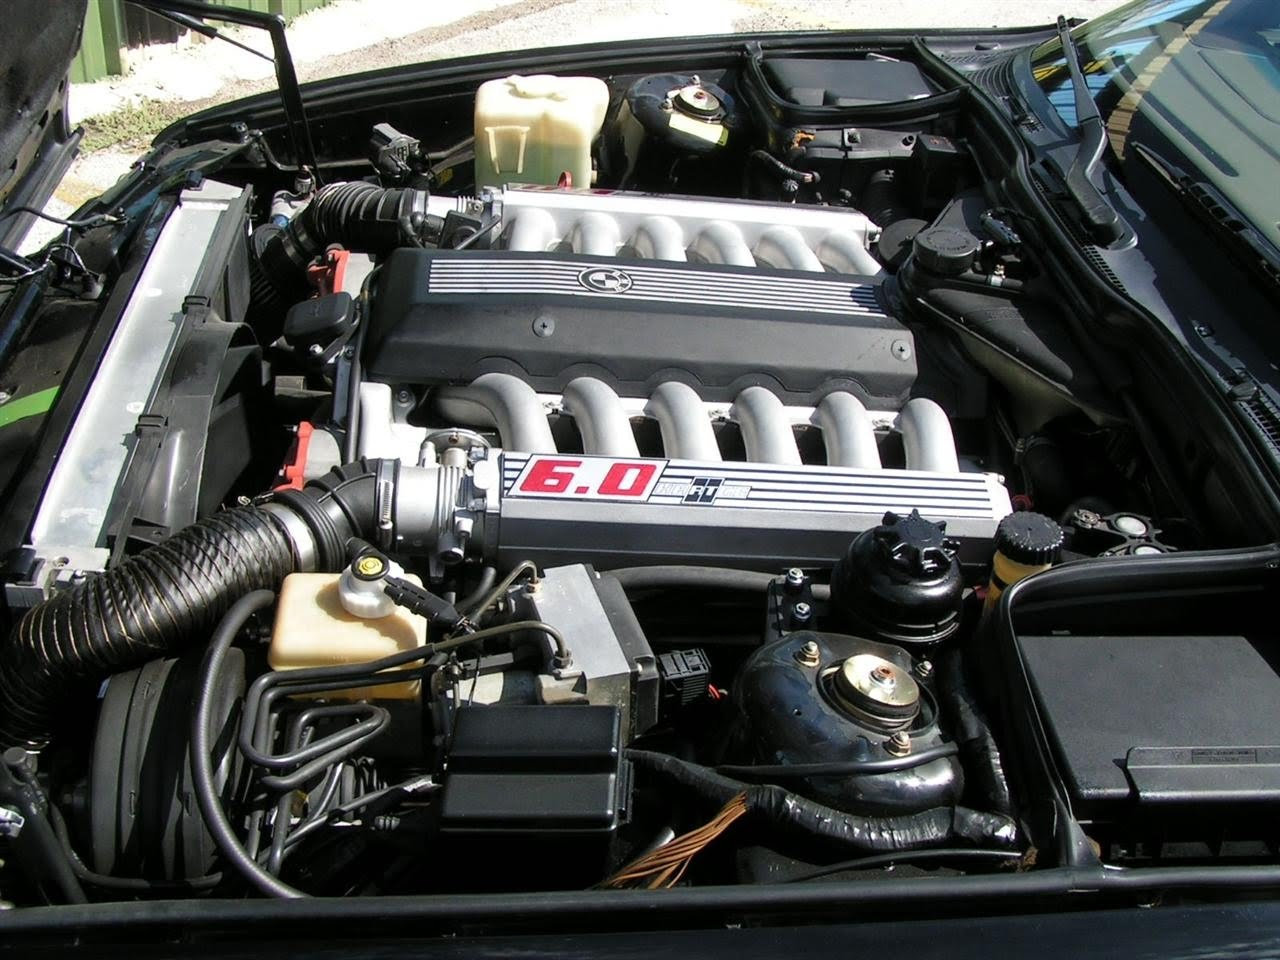 Bigdee Bmw 530i 6 0l V12